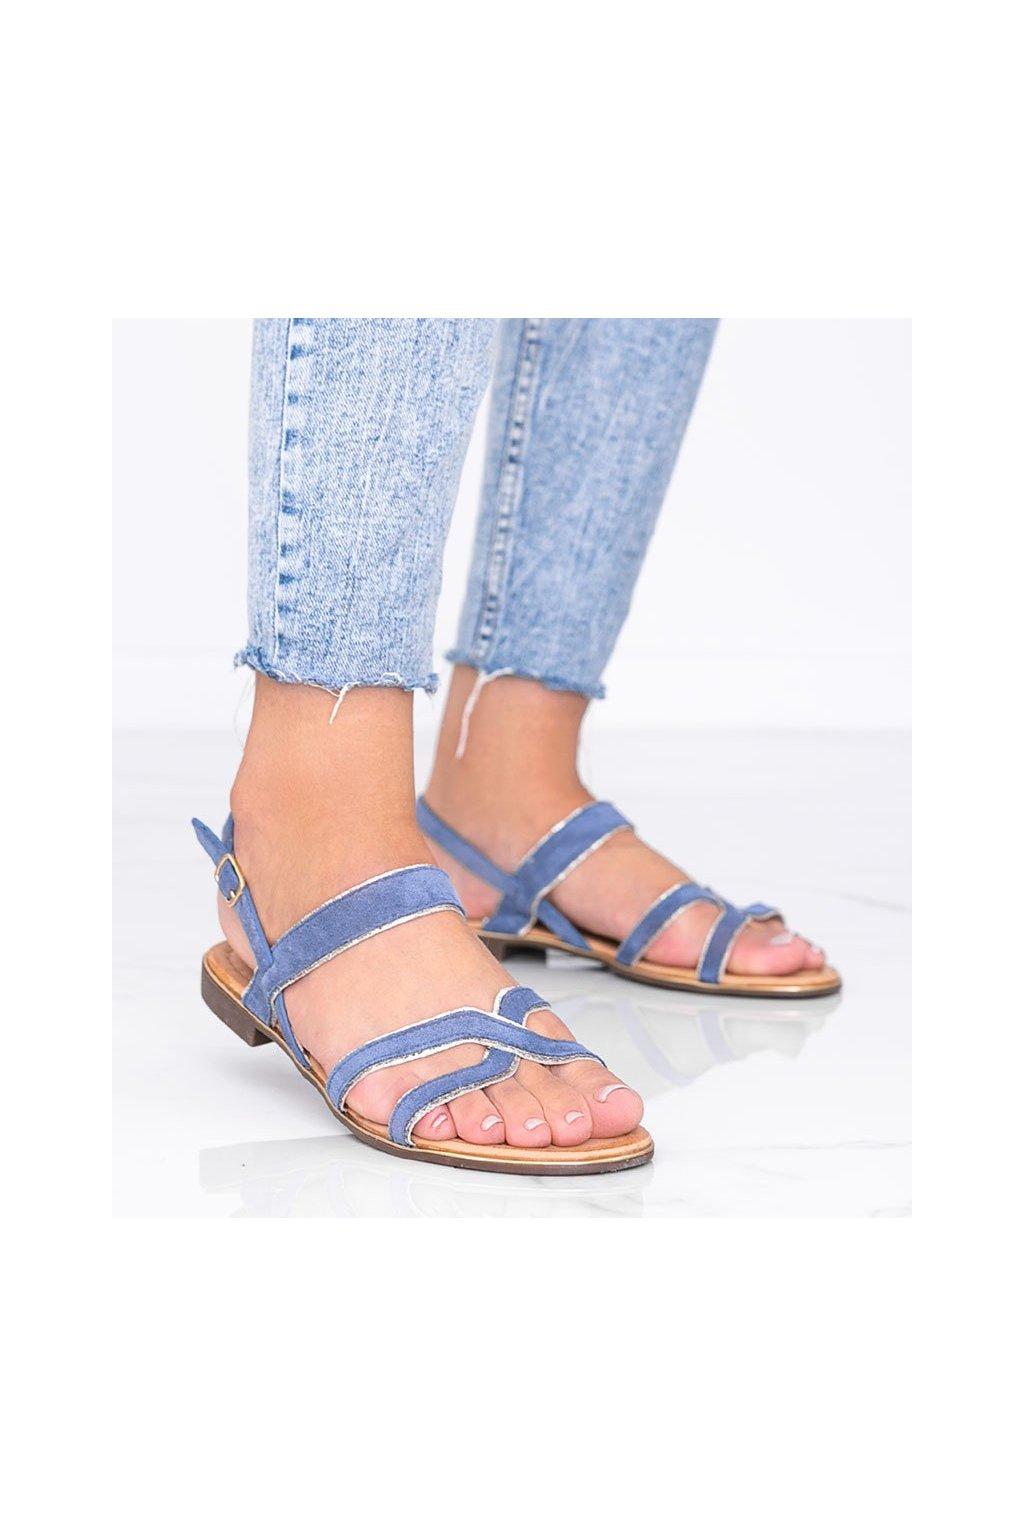 Dámske topánky sandále modré kód H8-177 - GM